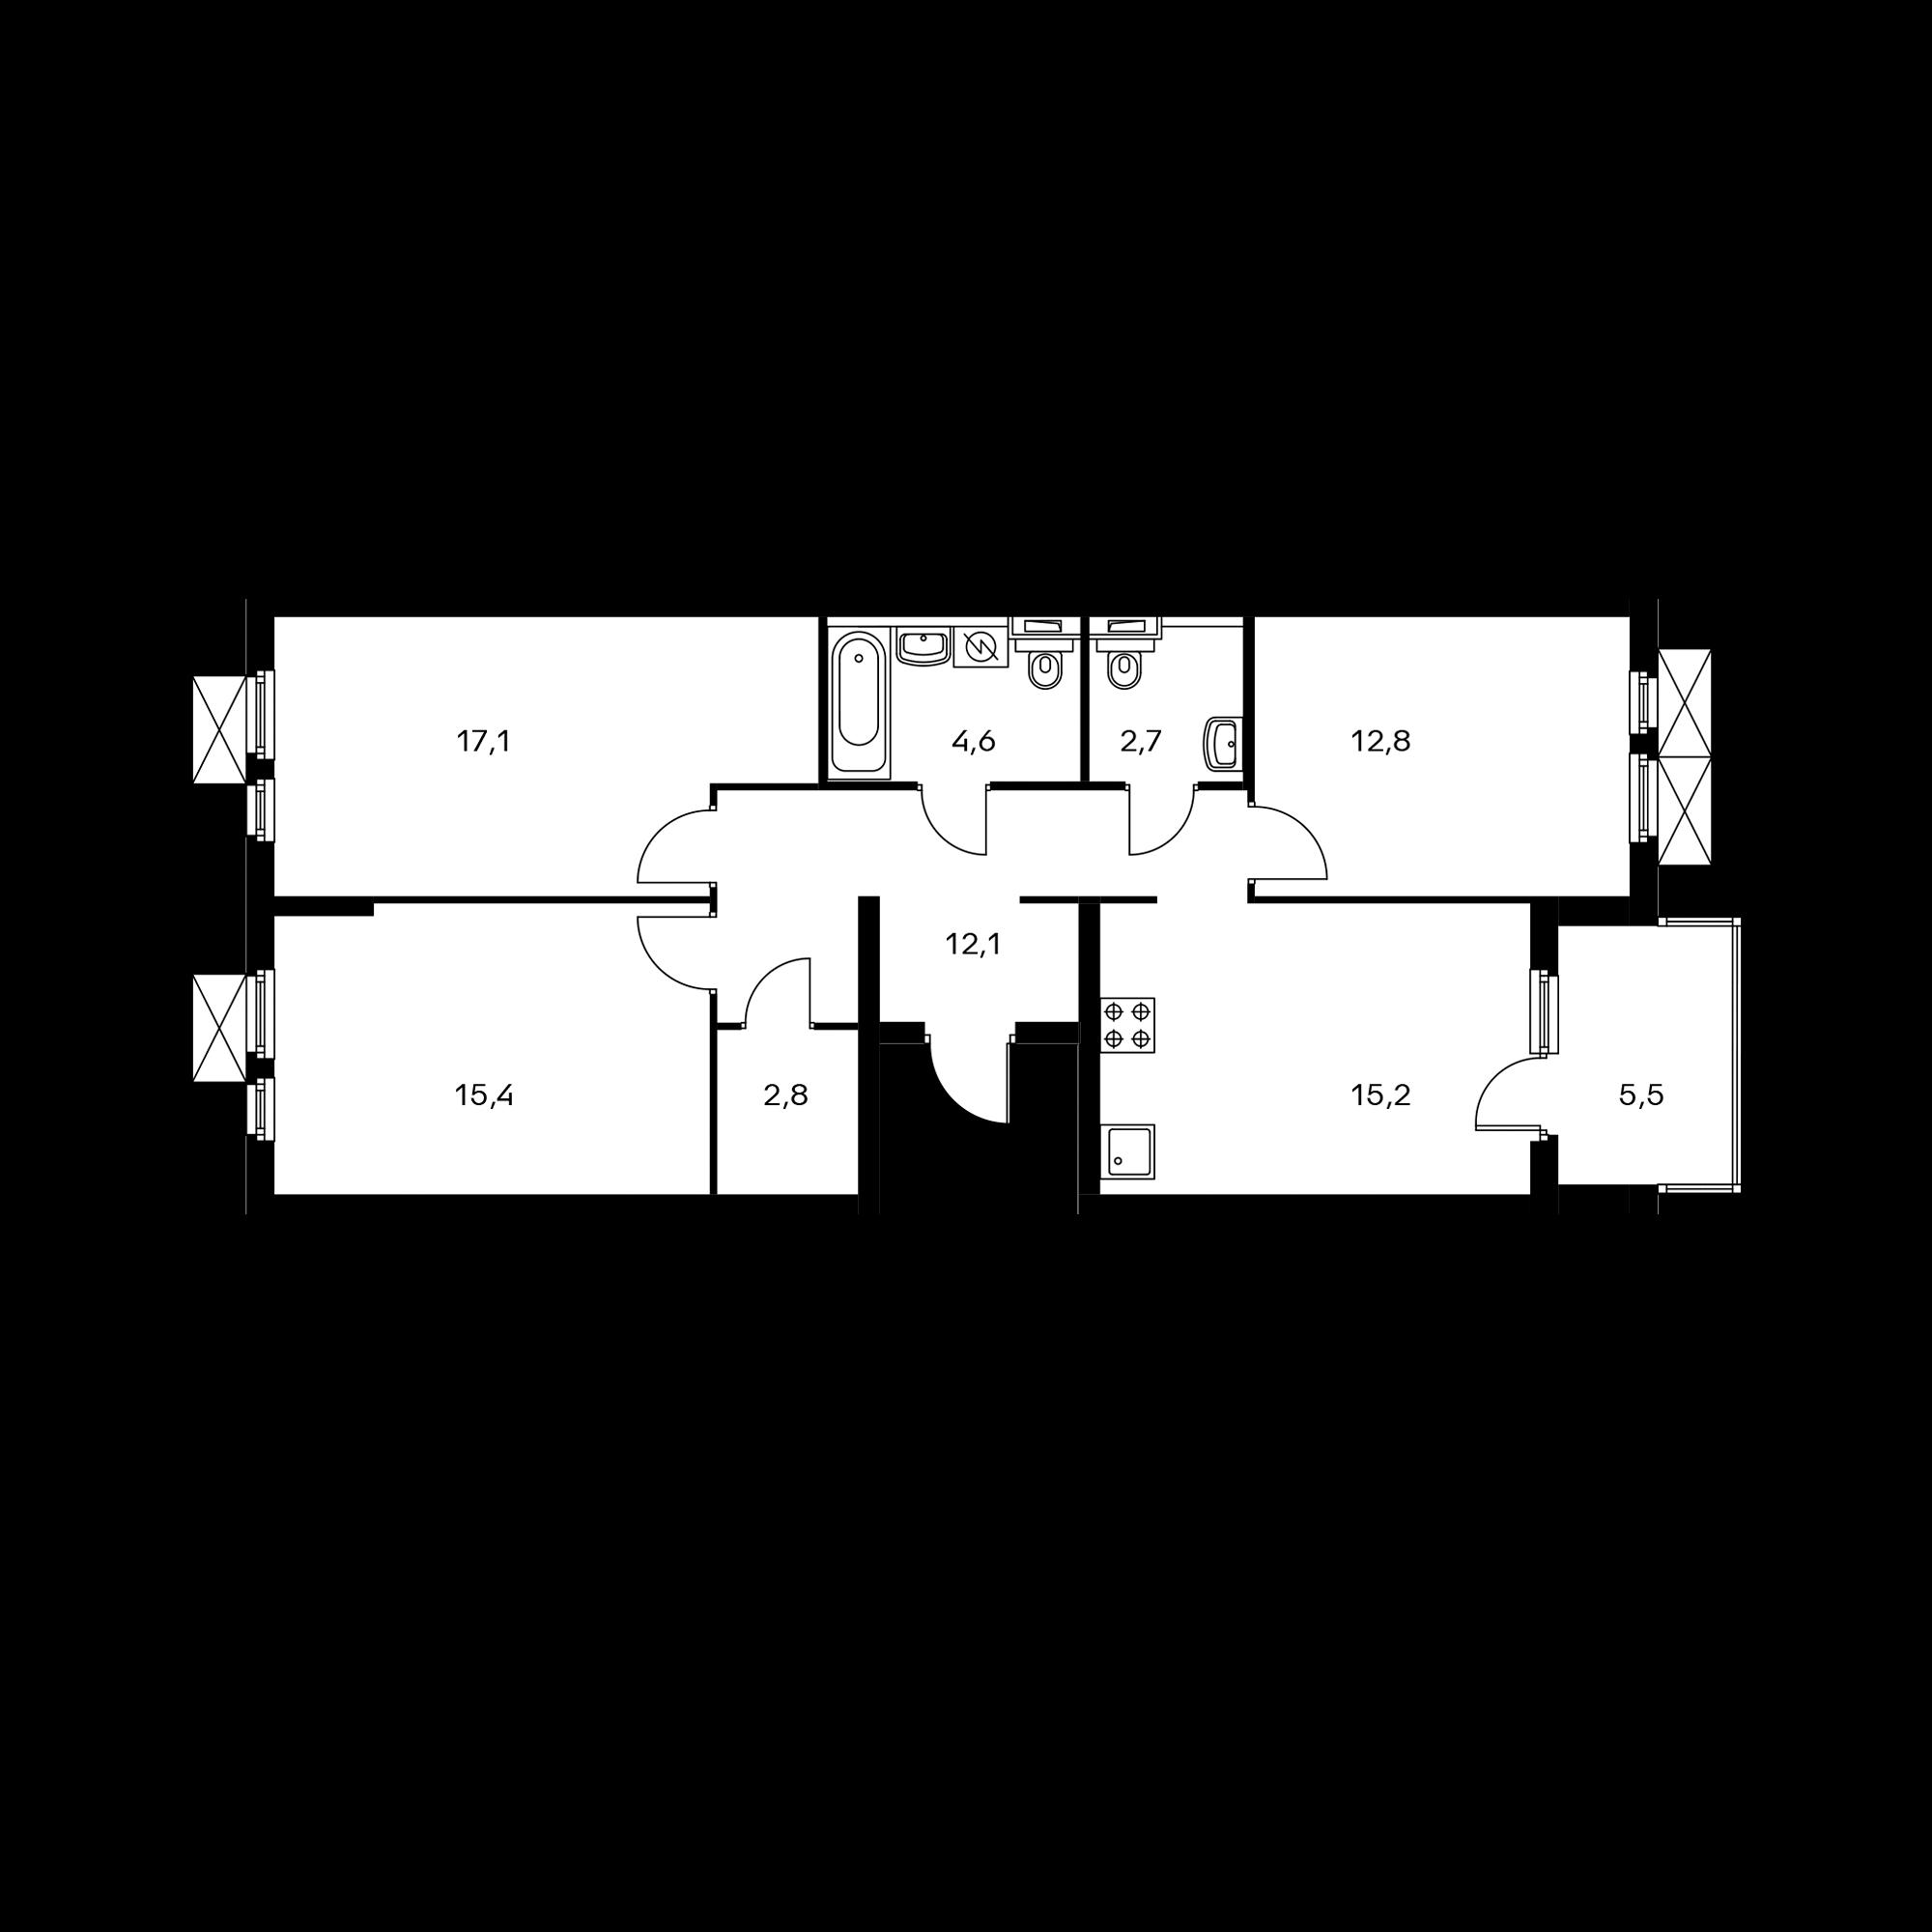 3EL5_6.6-1_S_AB